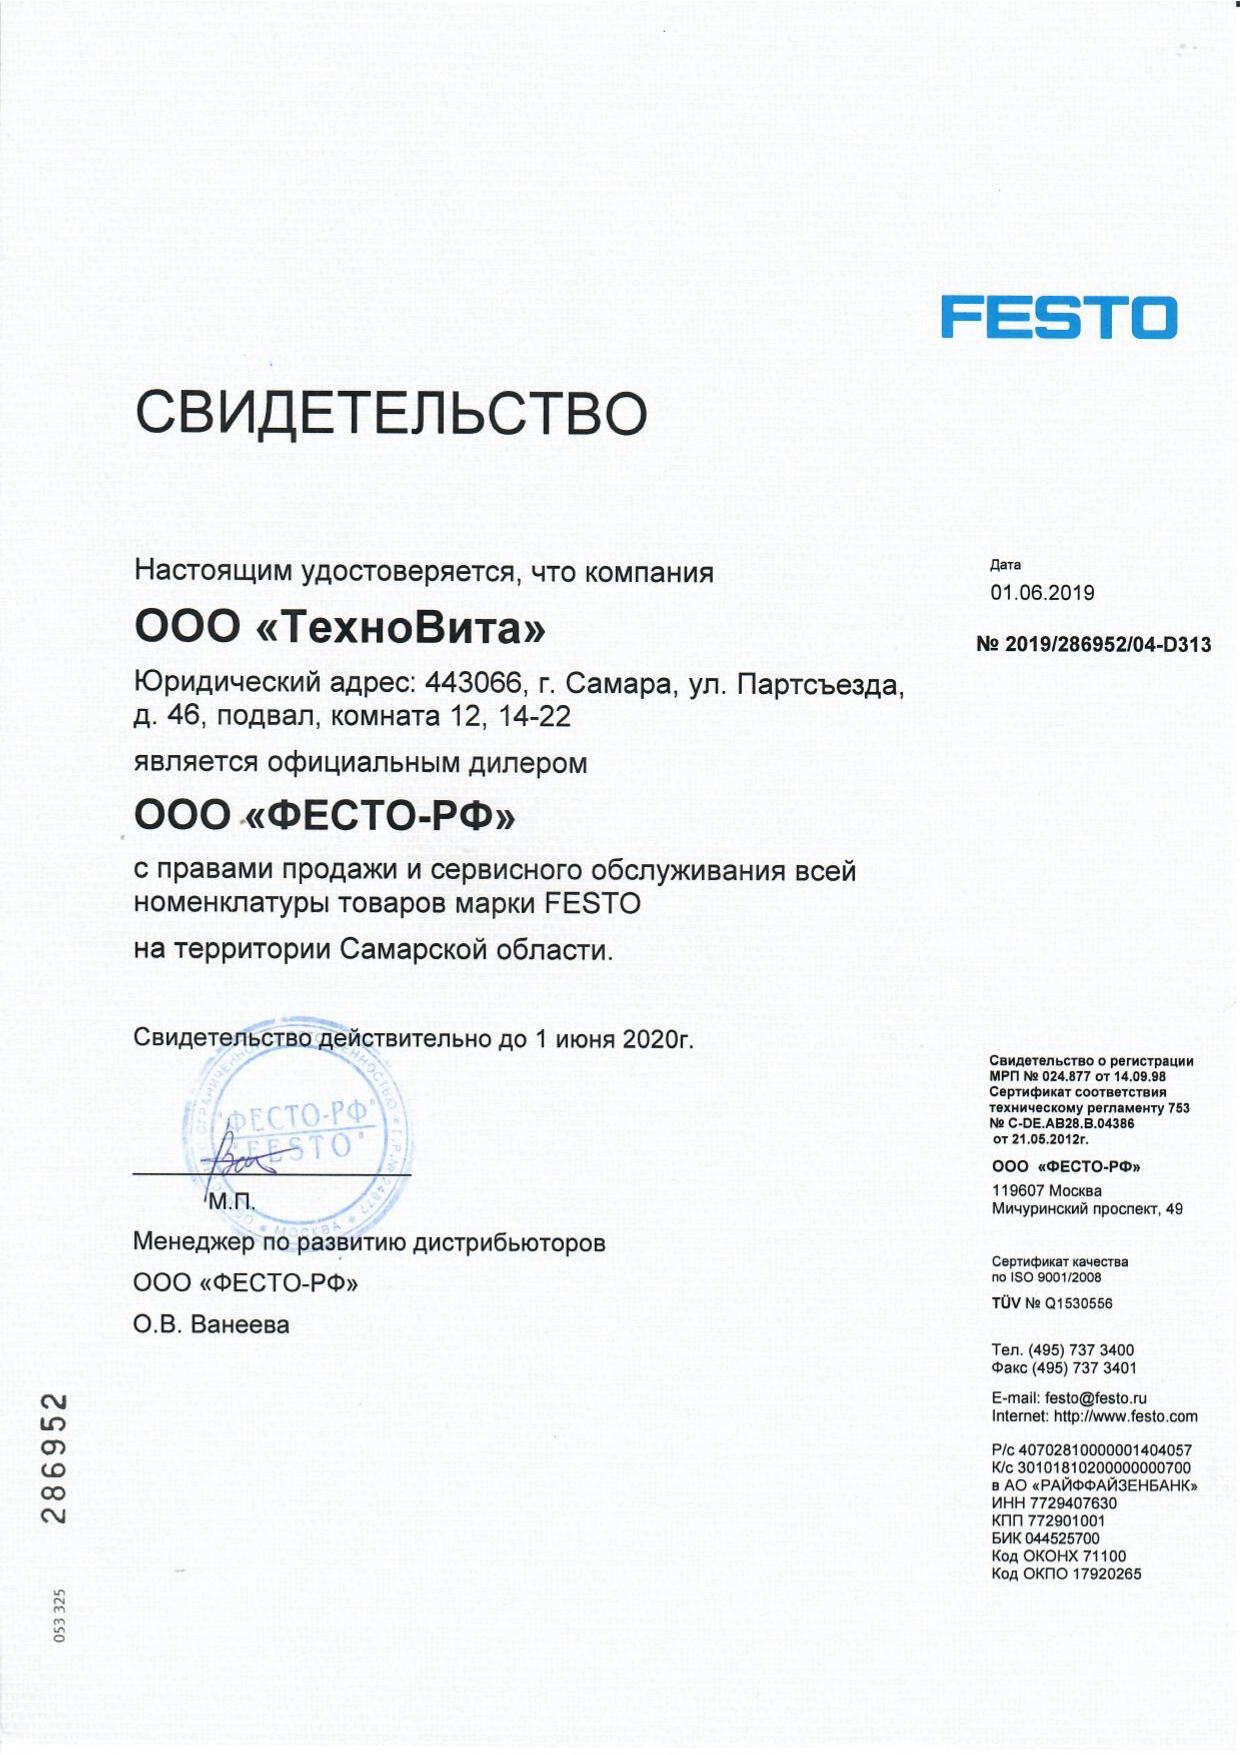 Официальный сертификат продукции Festo